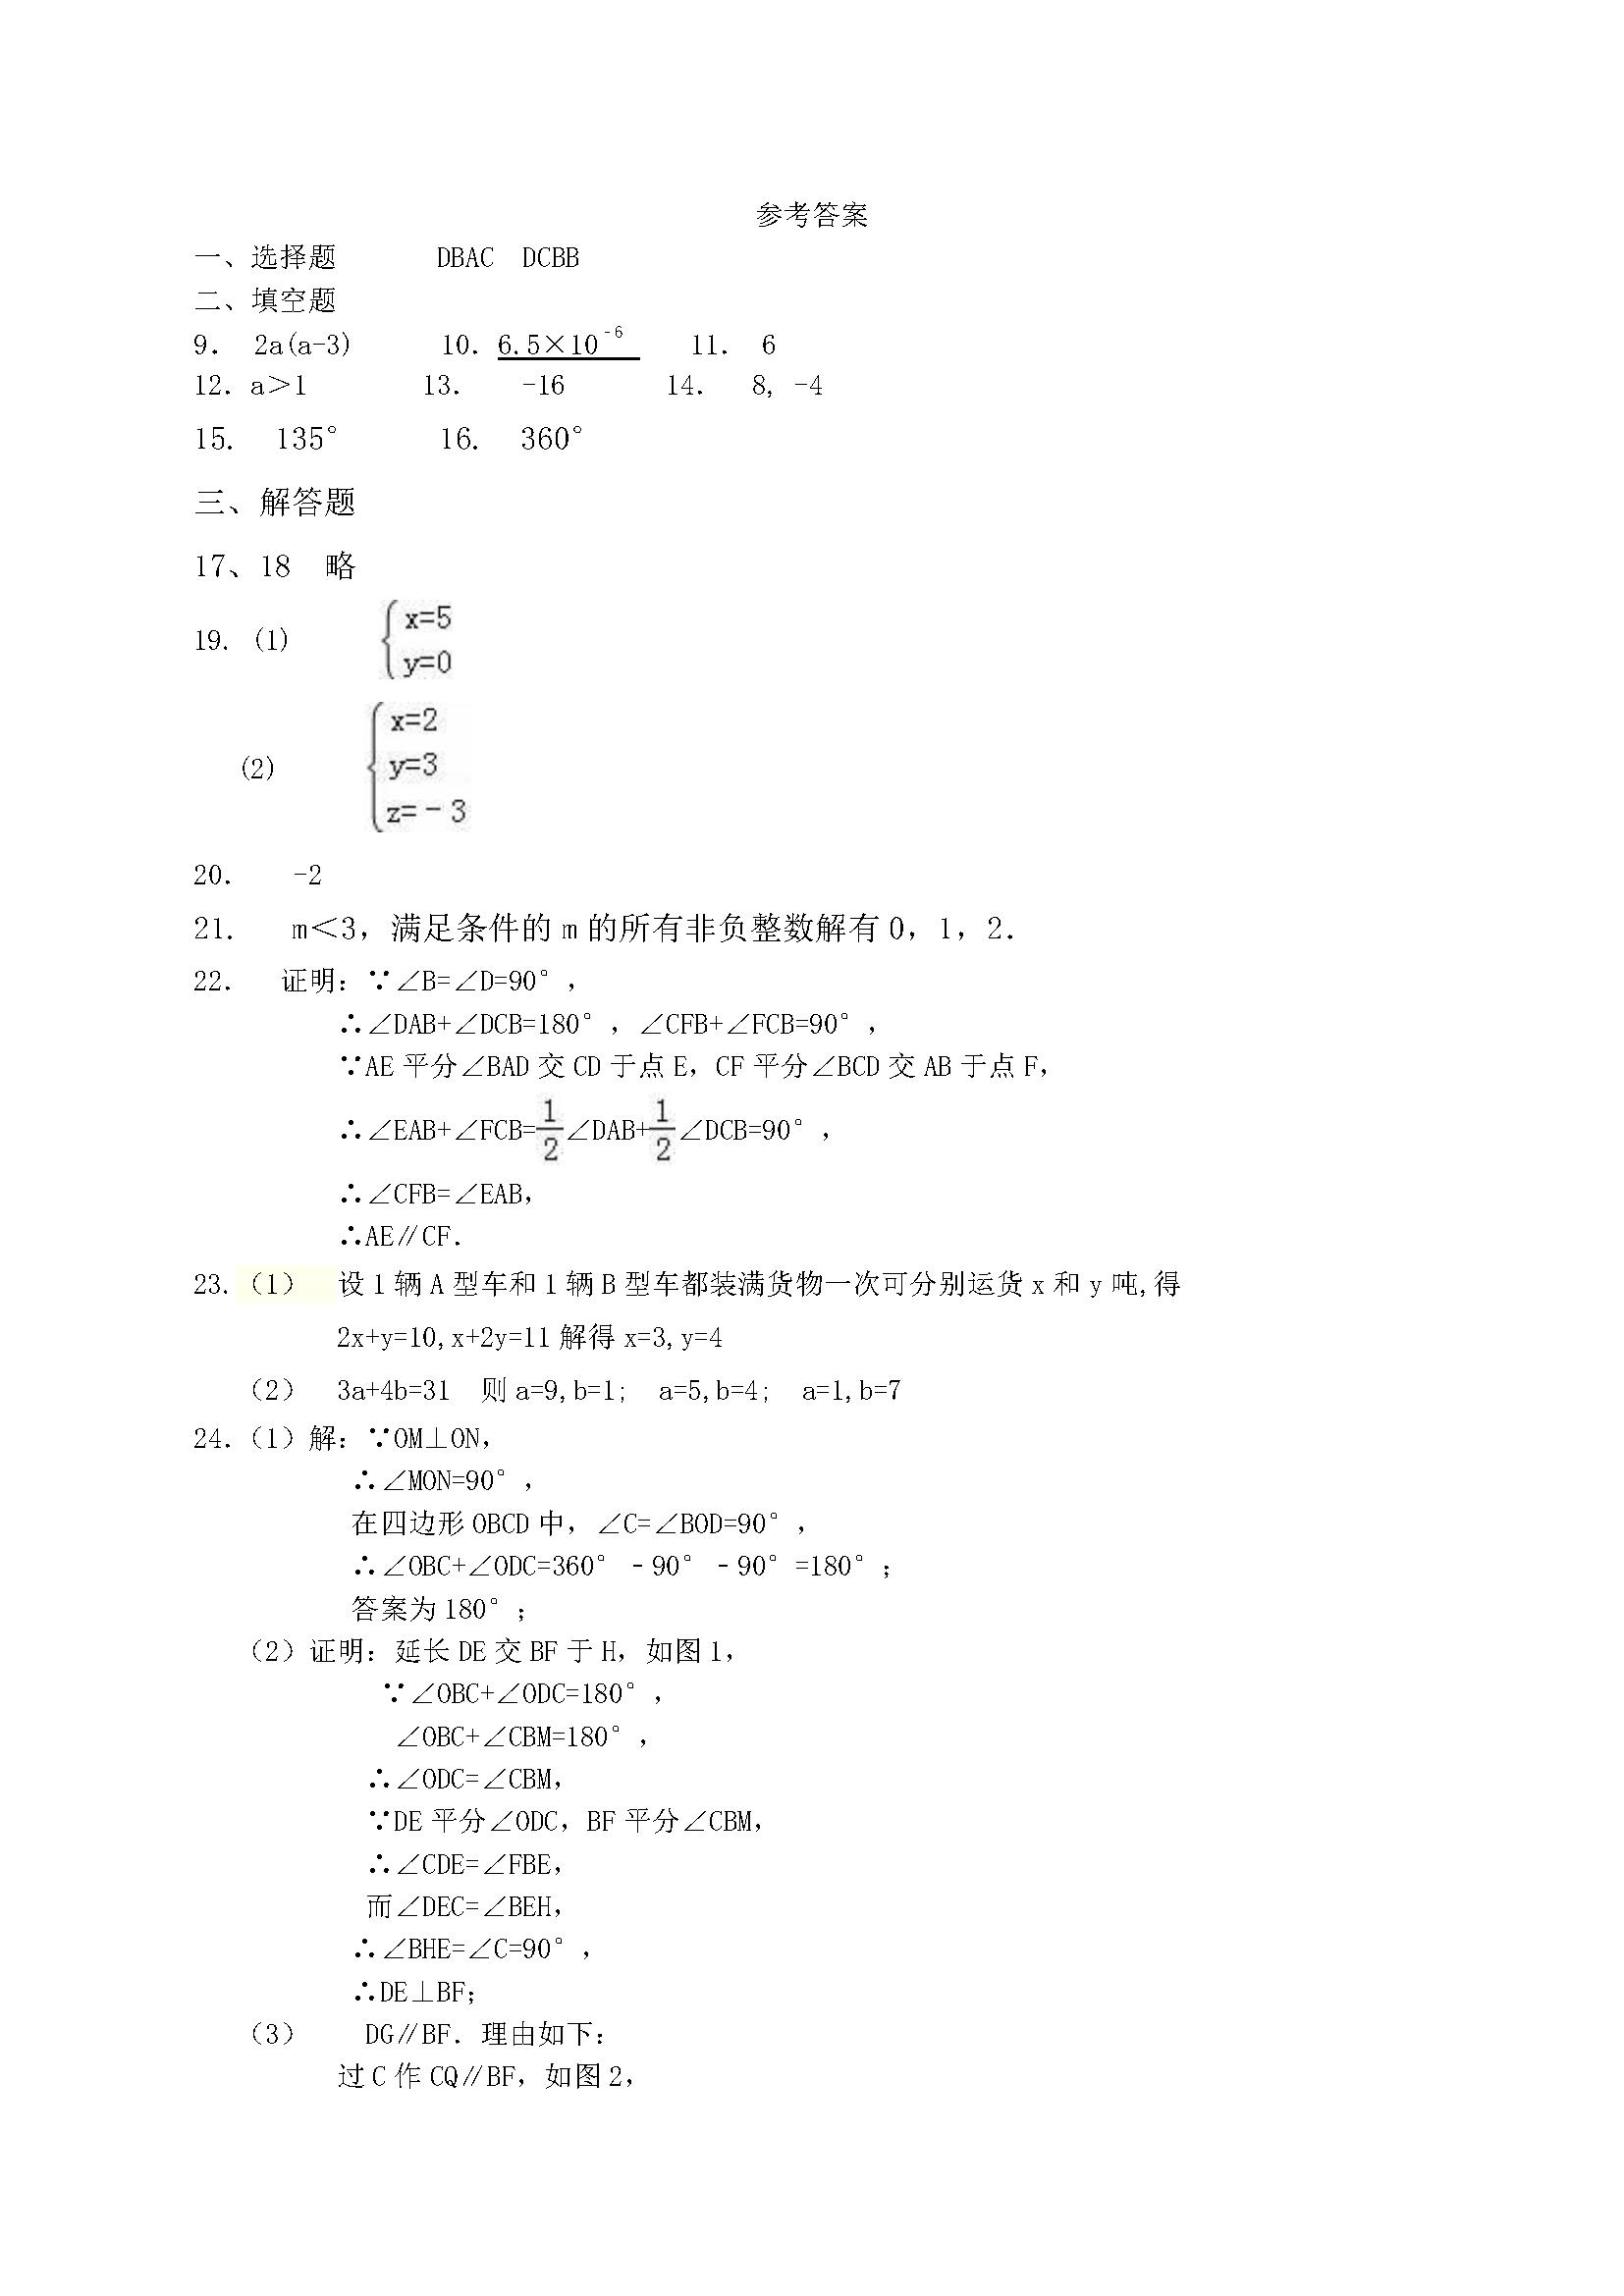 2017江苏靖城七年级下独立作业数学试题答案(图片版)